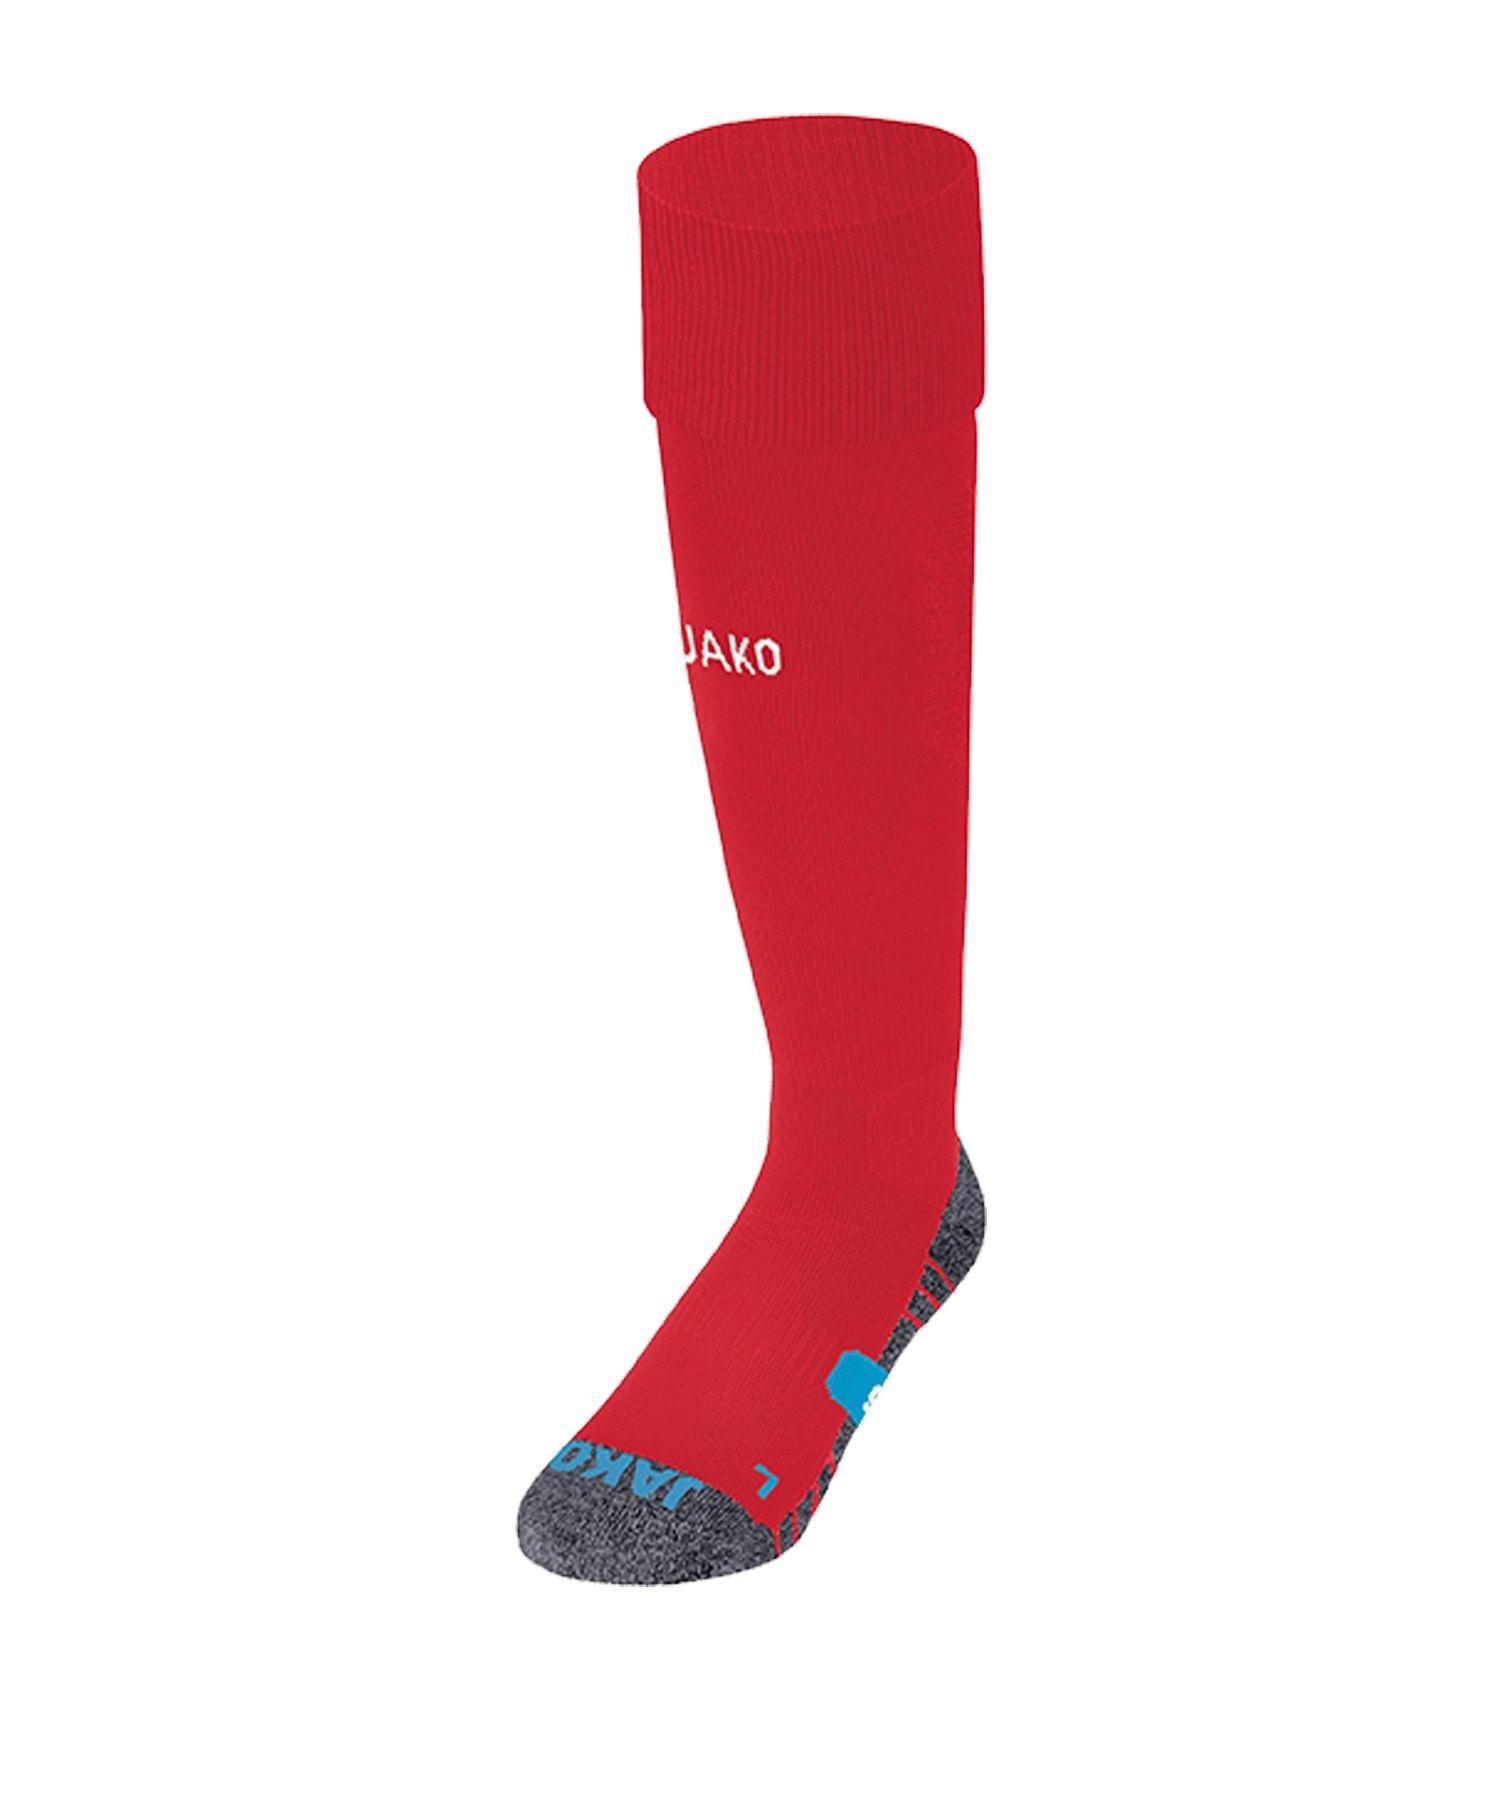 JAKO Premium Stutzenstrumpf Rot F01 - rot